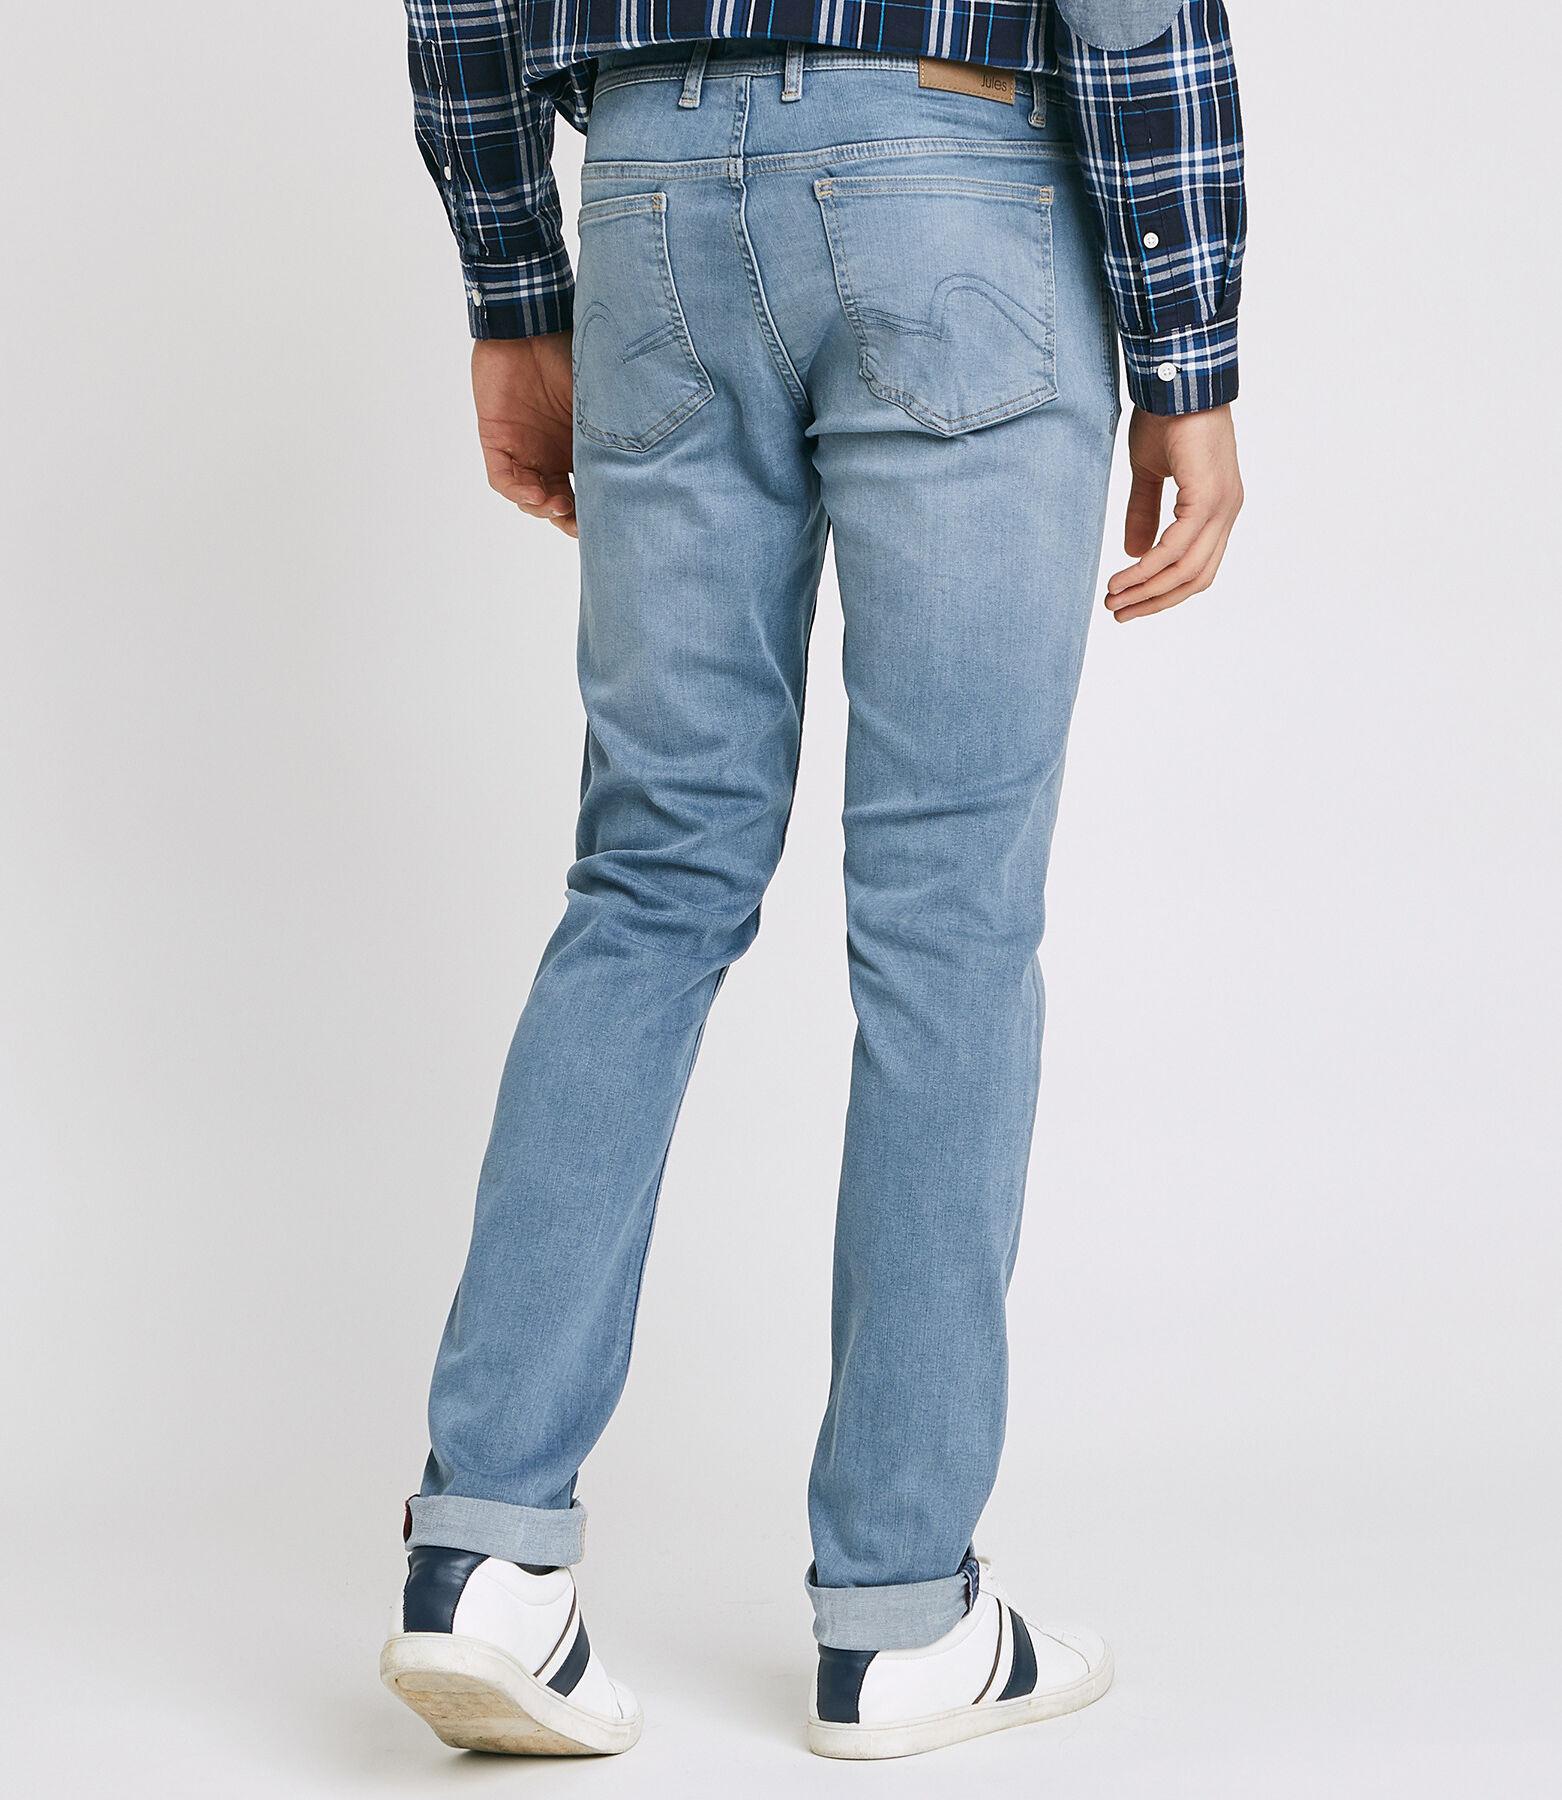 Jean Slim Urbanflex 4 longueurs bleu grisé